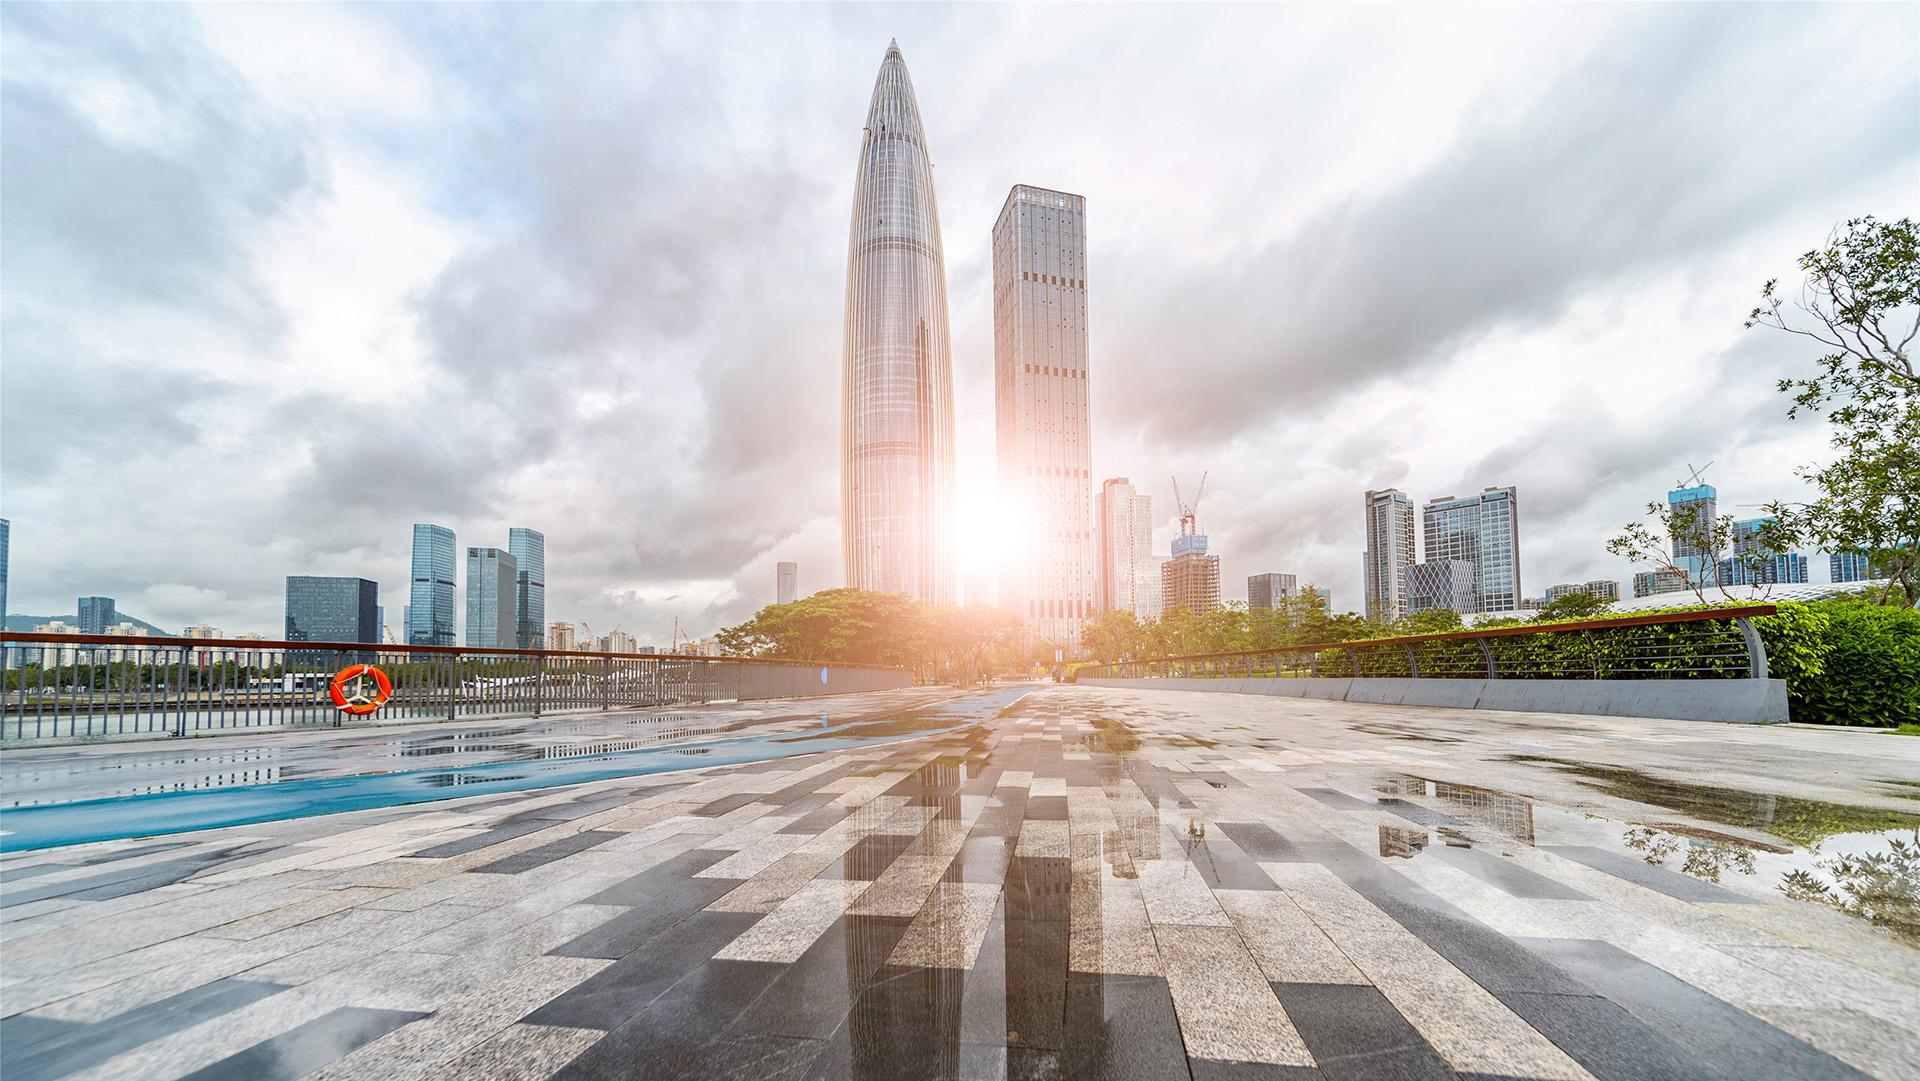 深圳拥有全职院士46名 率先打造国际人才高地